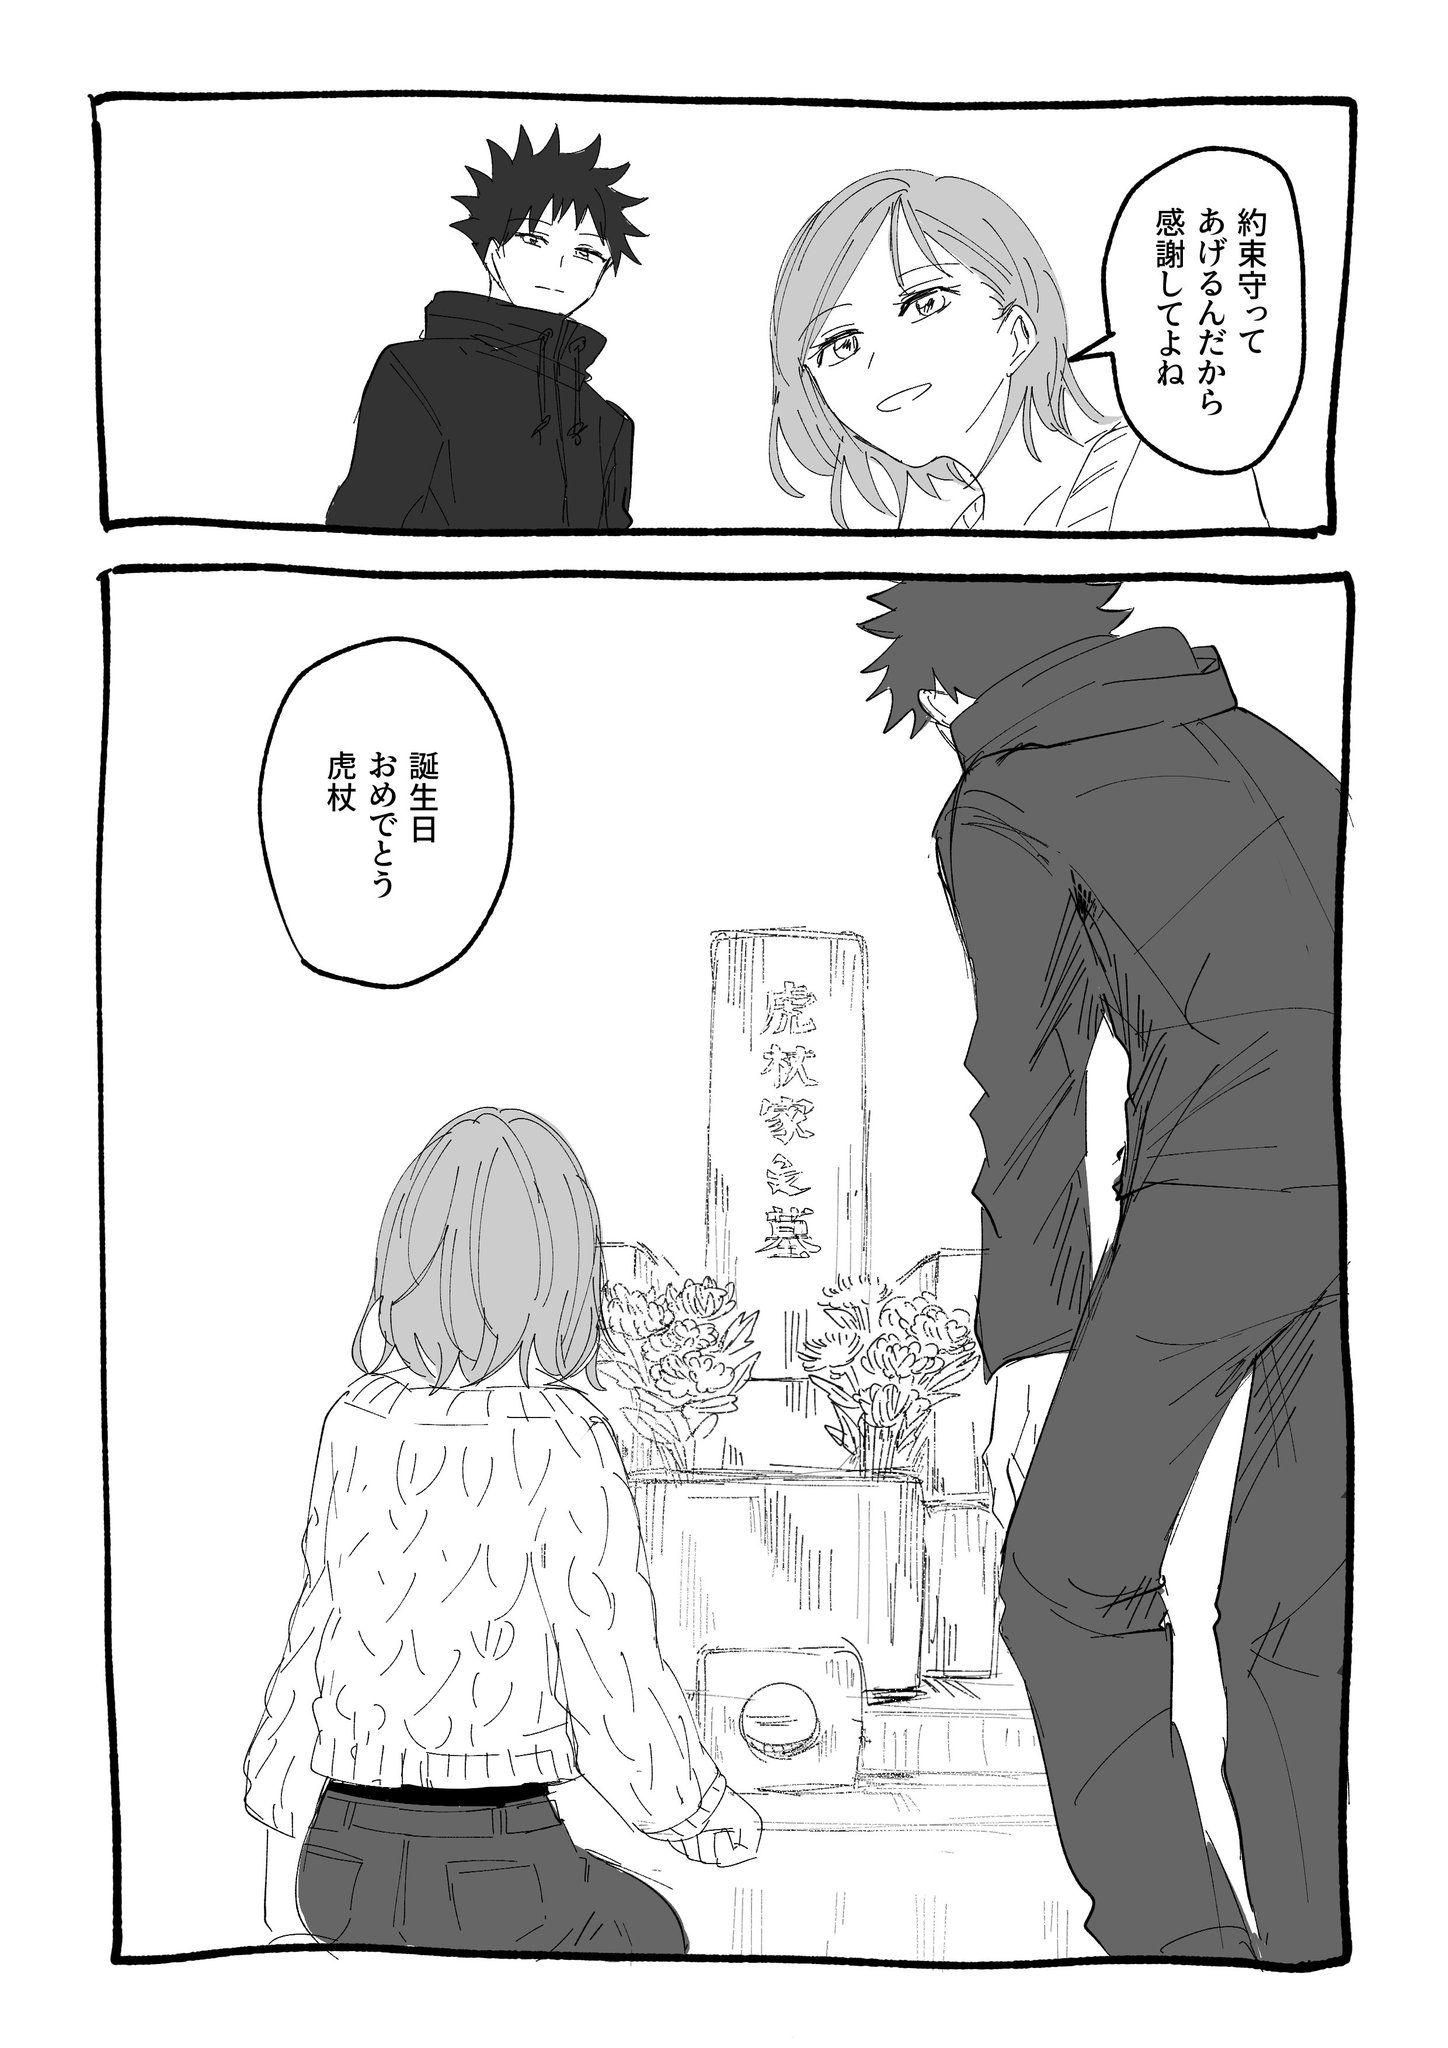 巻 死亡 呪術 廻 狗 戦